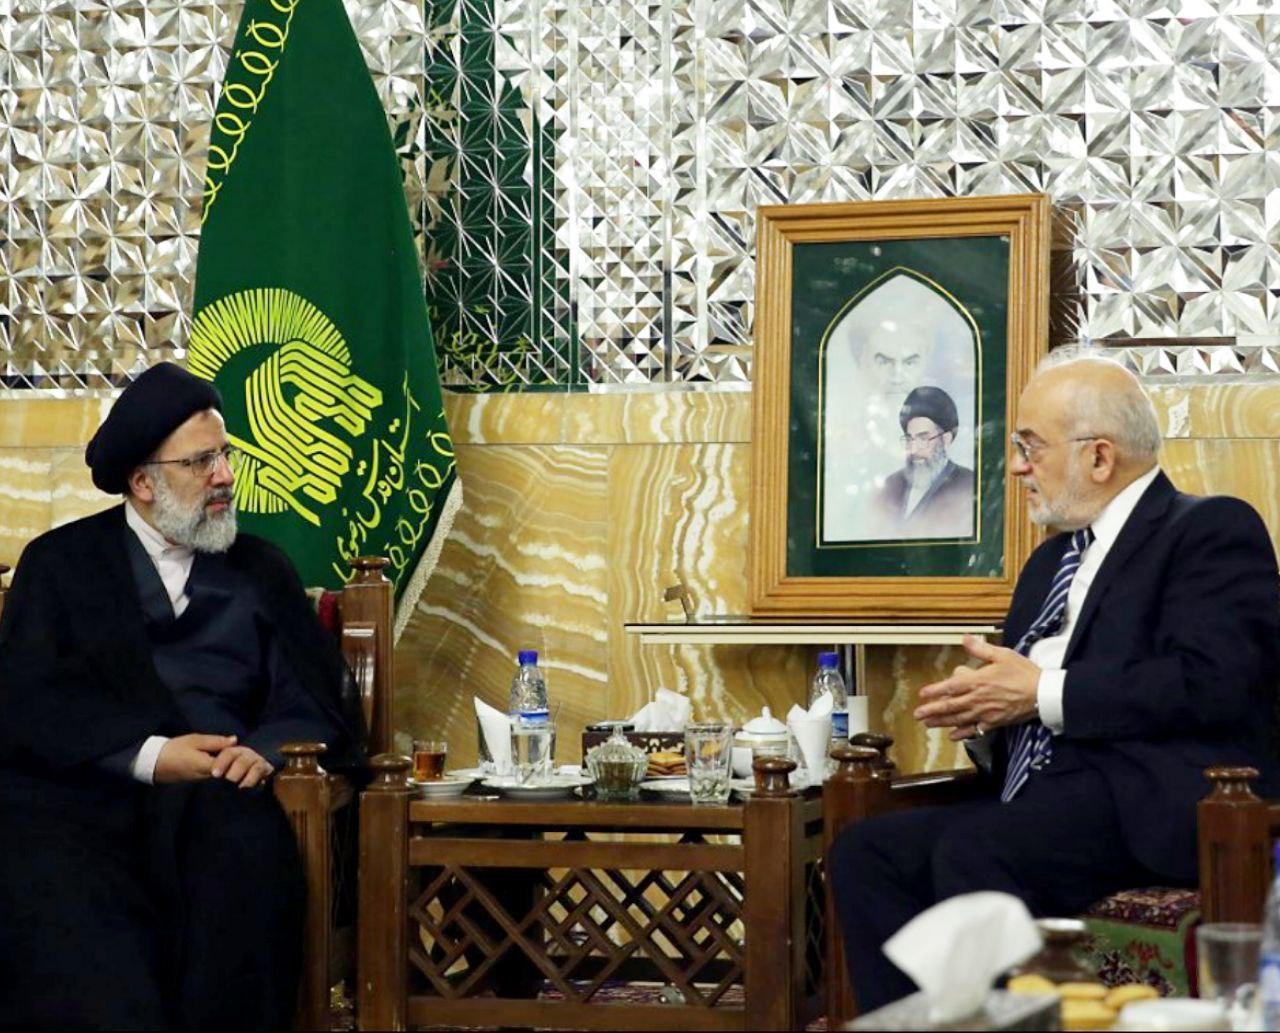 مخدوش شدن وحدت ملی عراق تهدیدهای جدیدی را به وجود میآورد